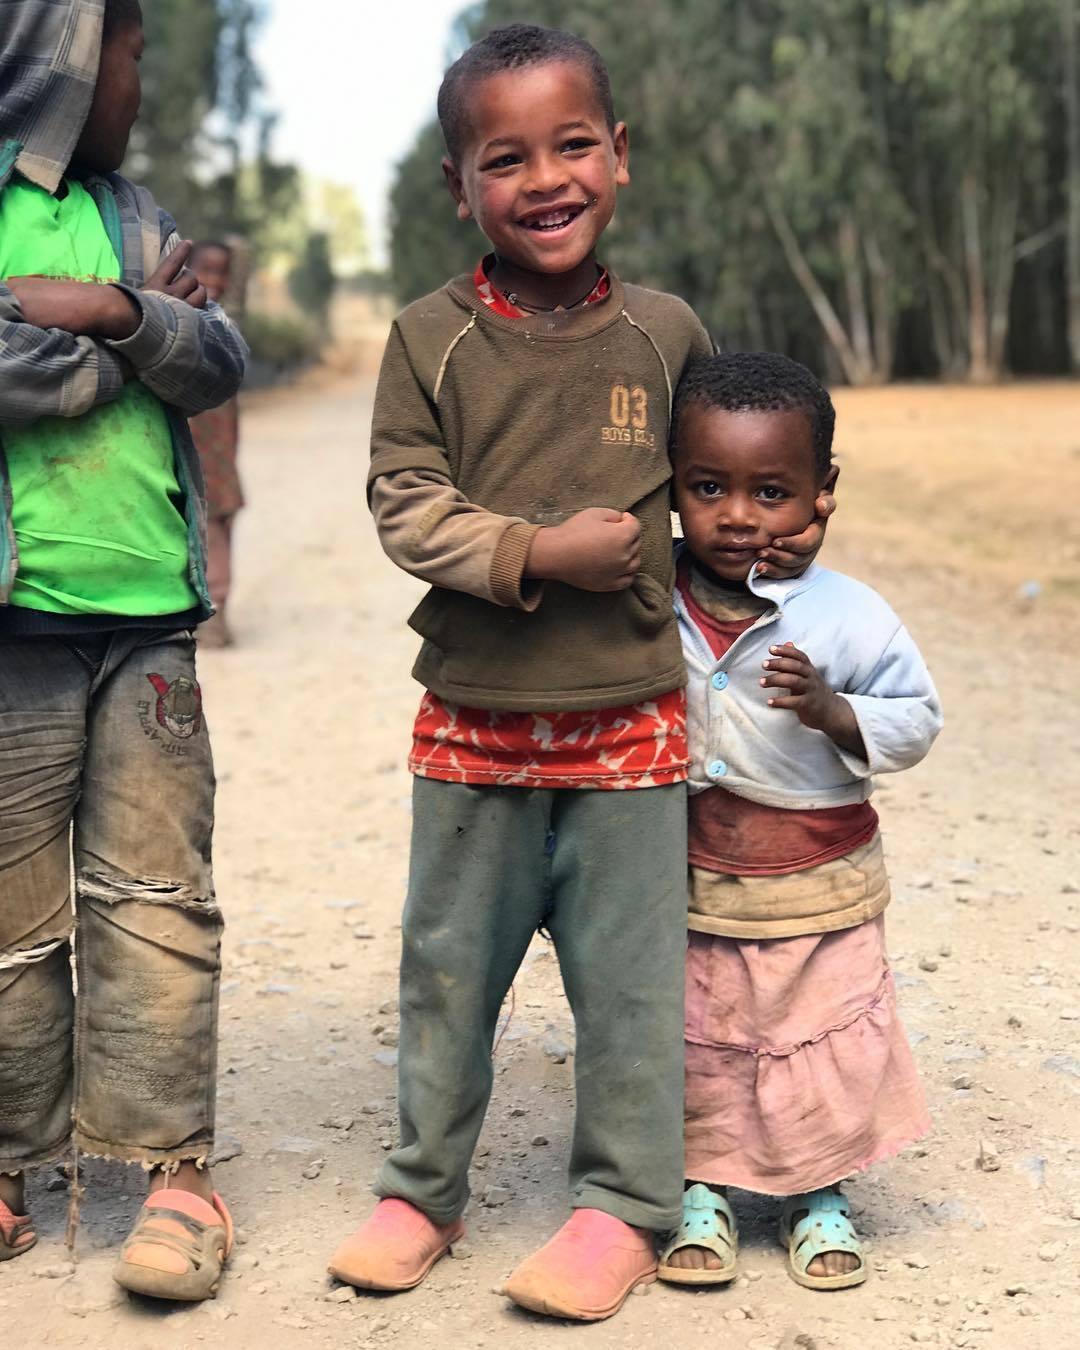 Двое адыгов стали волонтерами приюта Матери Терезы в Эфиопии